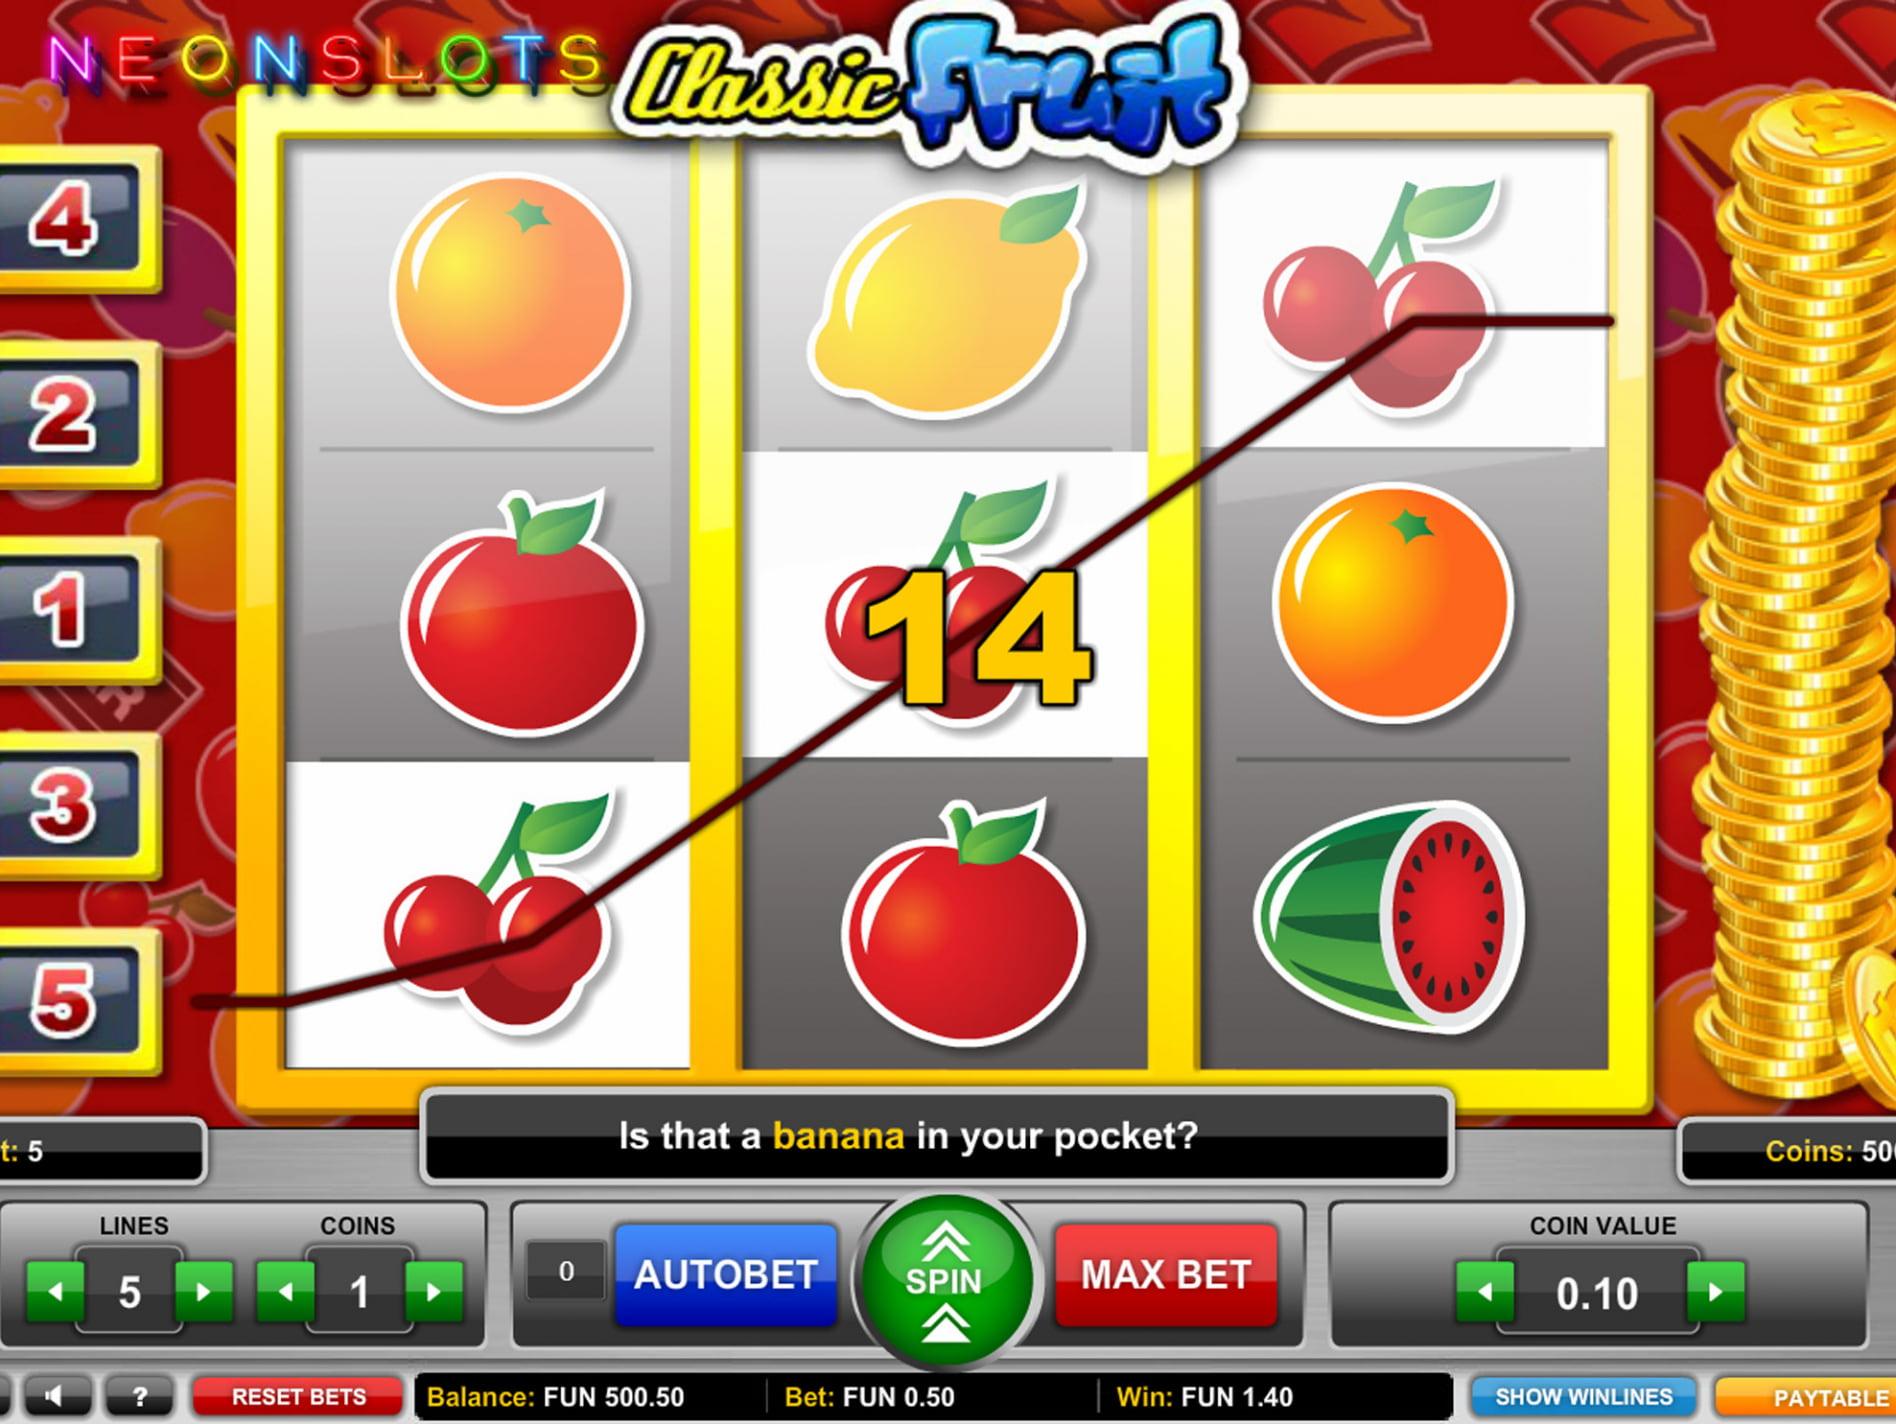 Bingo keno casino online legales en Santiago 178068